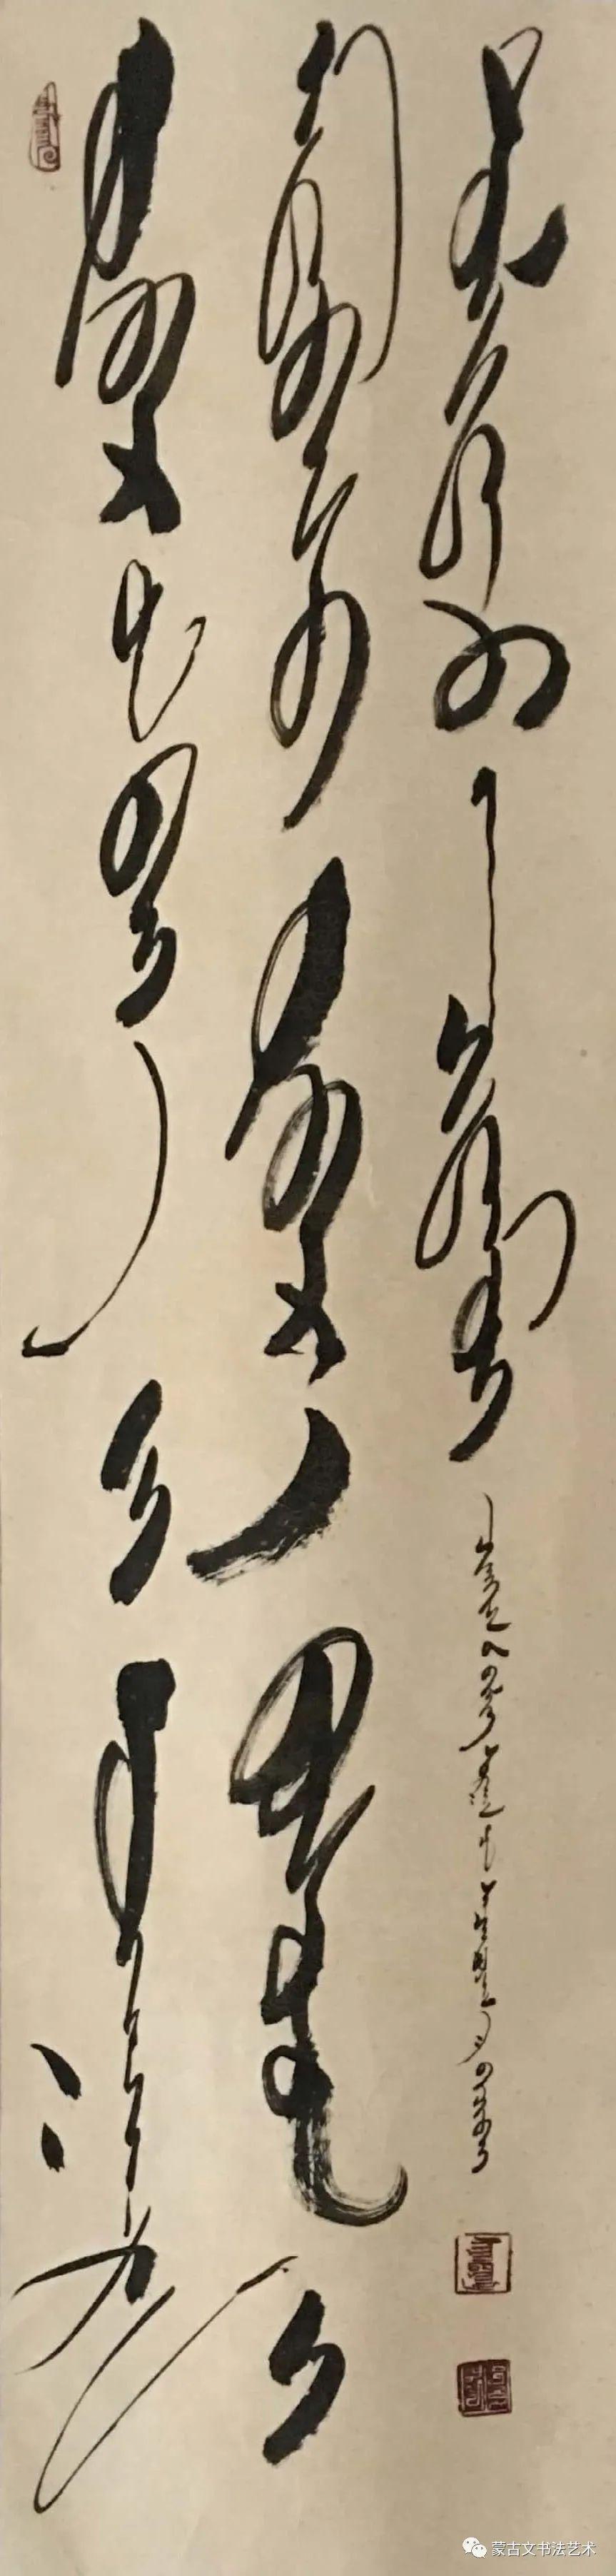 斯琴图雅蒙古文书法作品 第5张